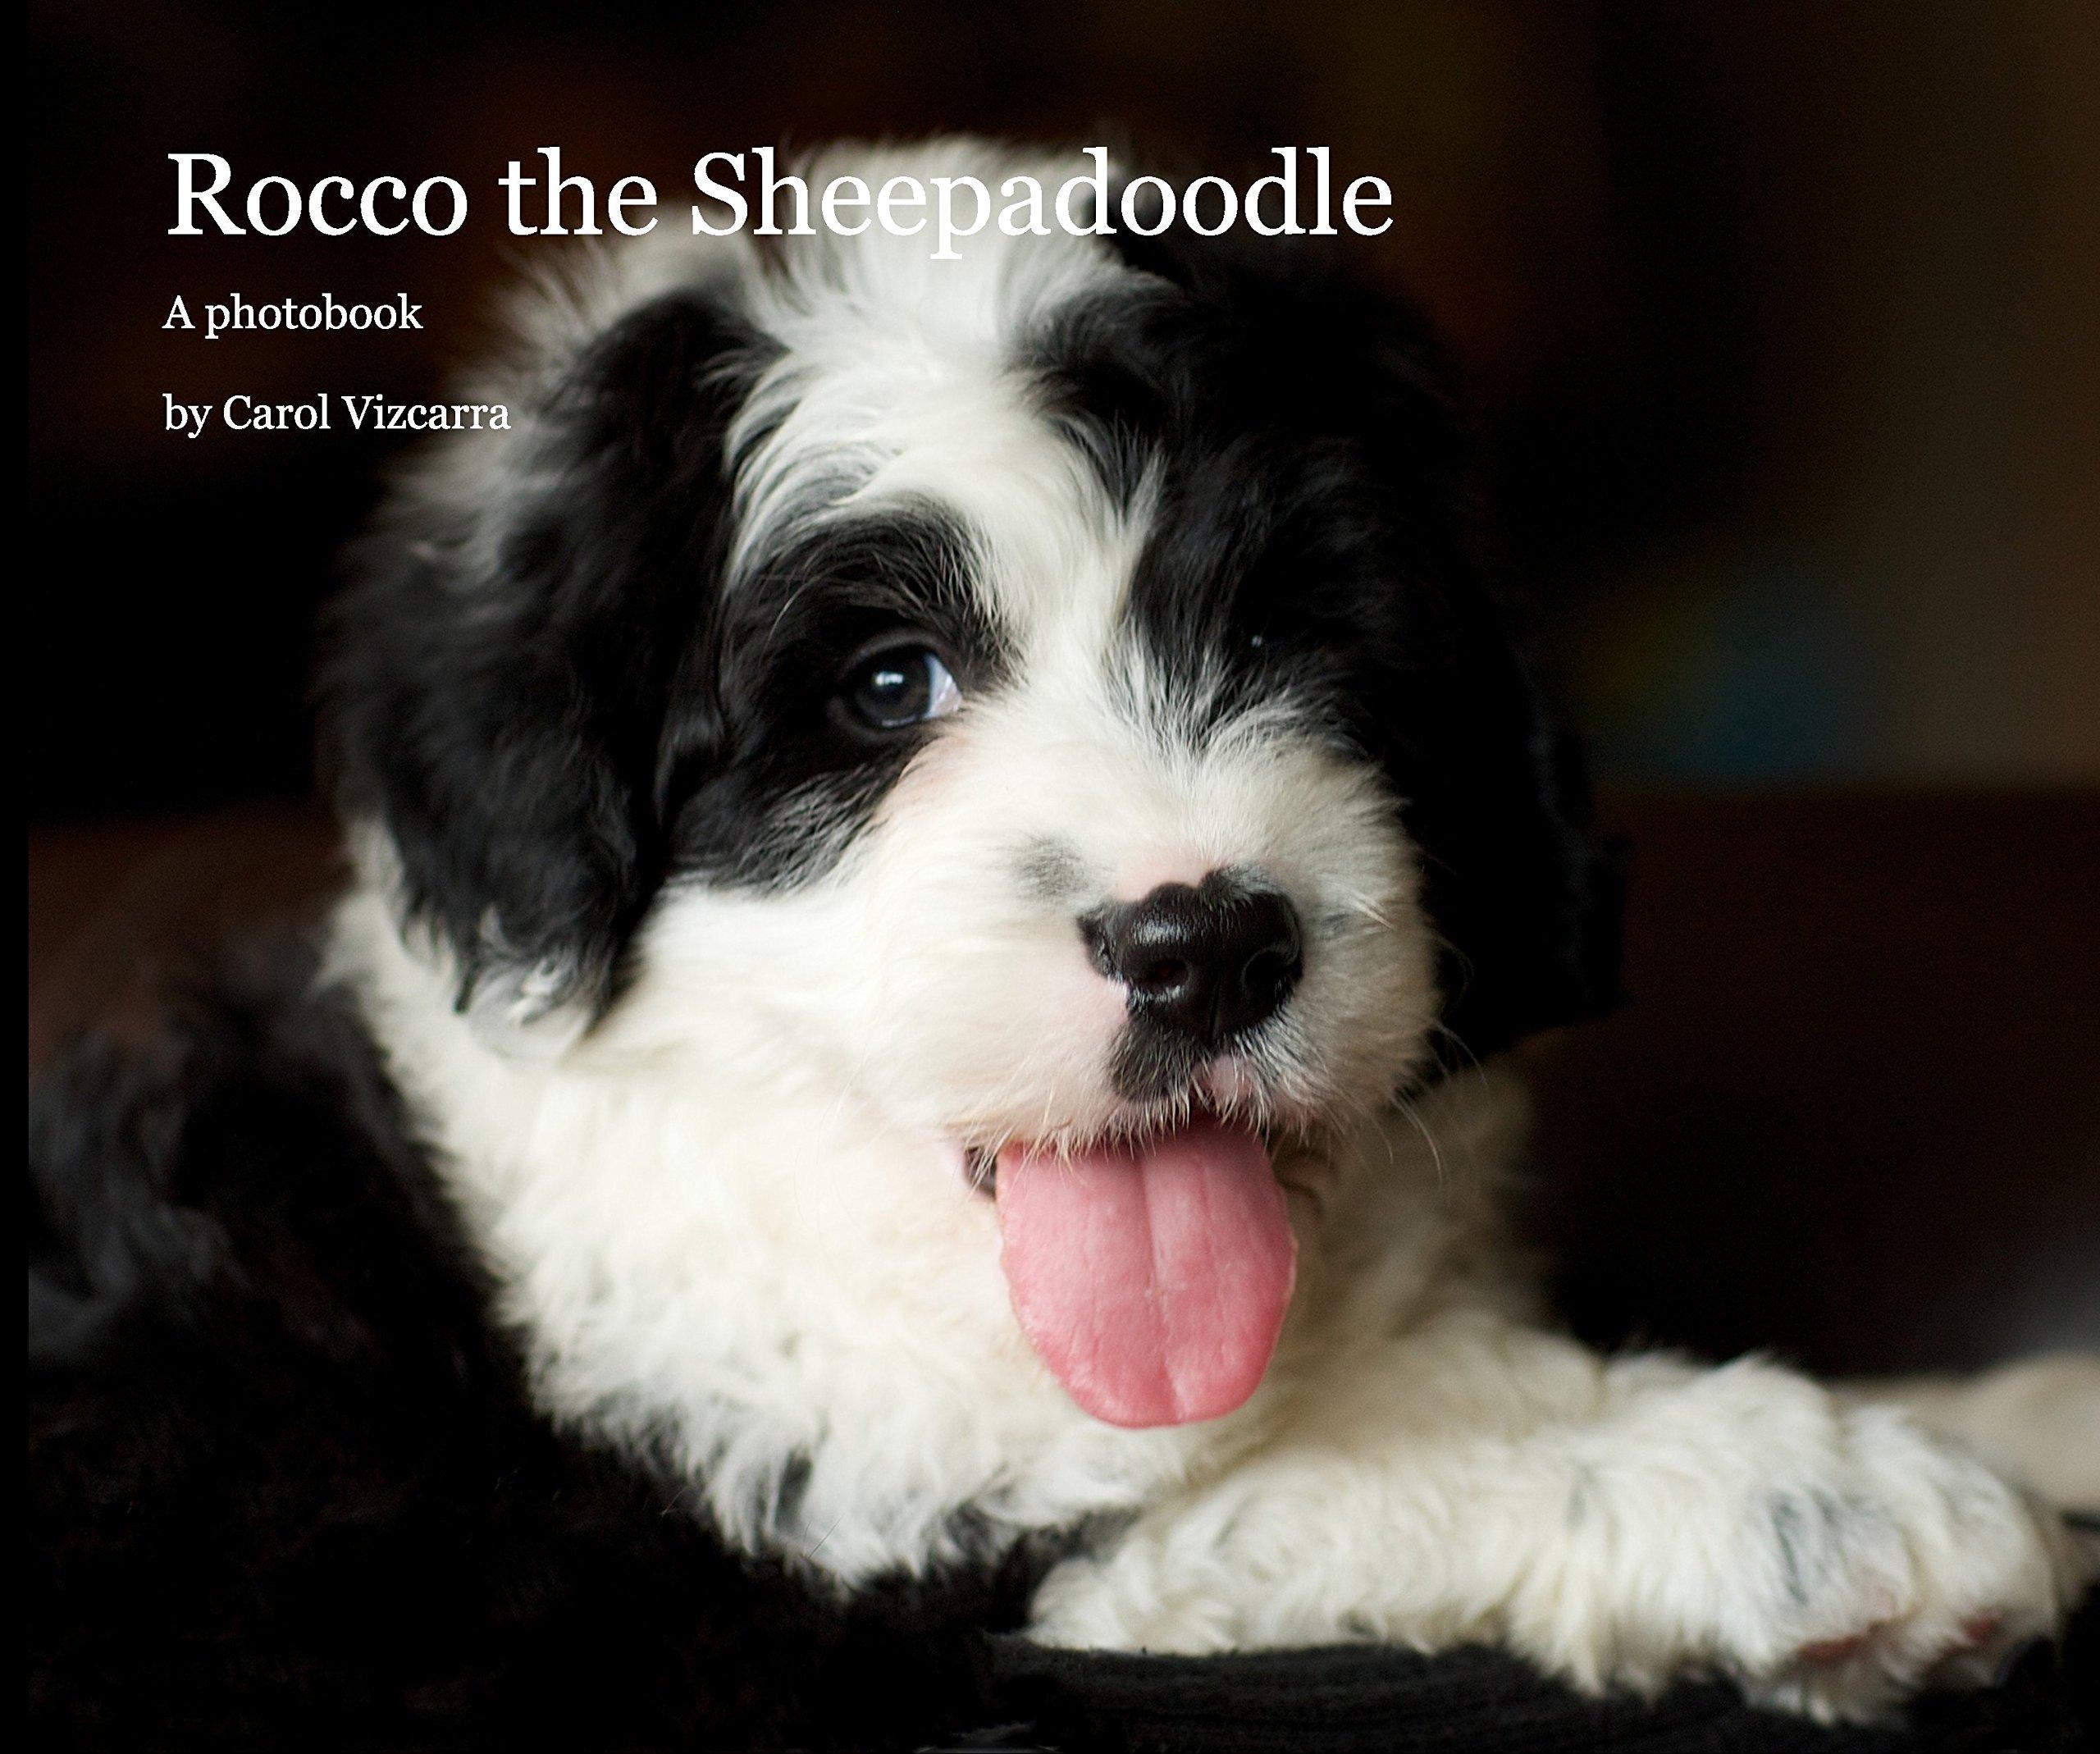 Rocco The Sheepadoodle 102 Pages Carol Vizcarra